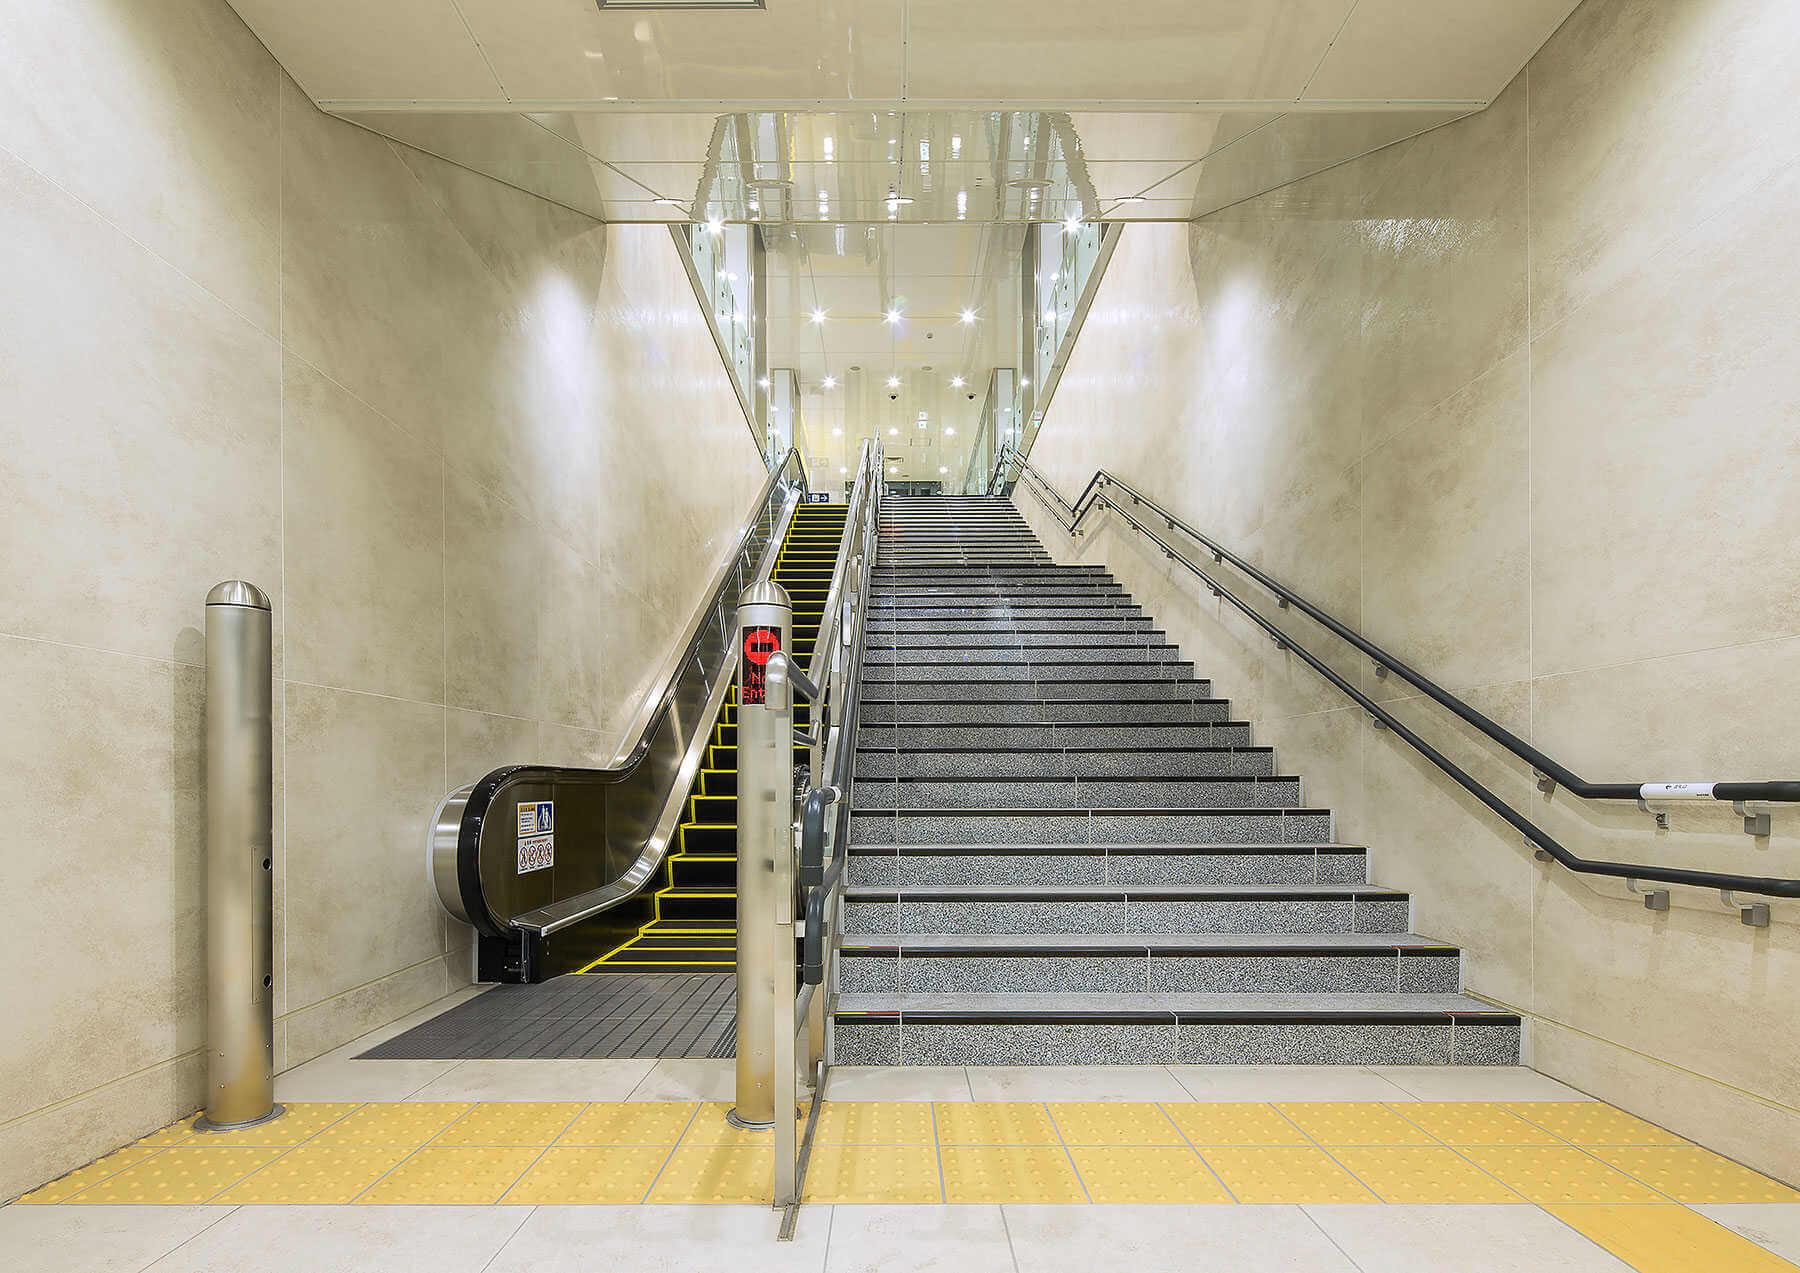 Revestimiento Porcel Nico Coverlam En Metro De Tokio | Estacion Metro Sendai